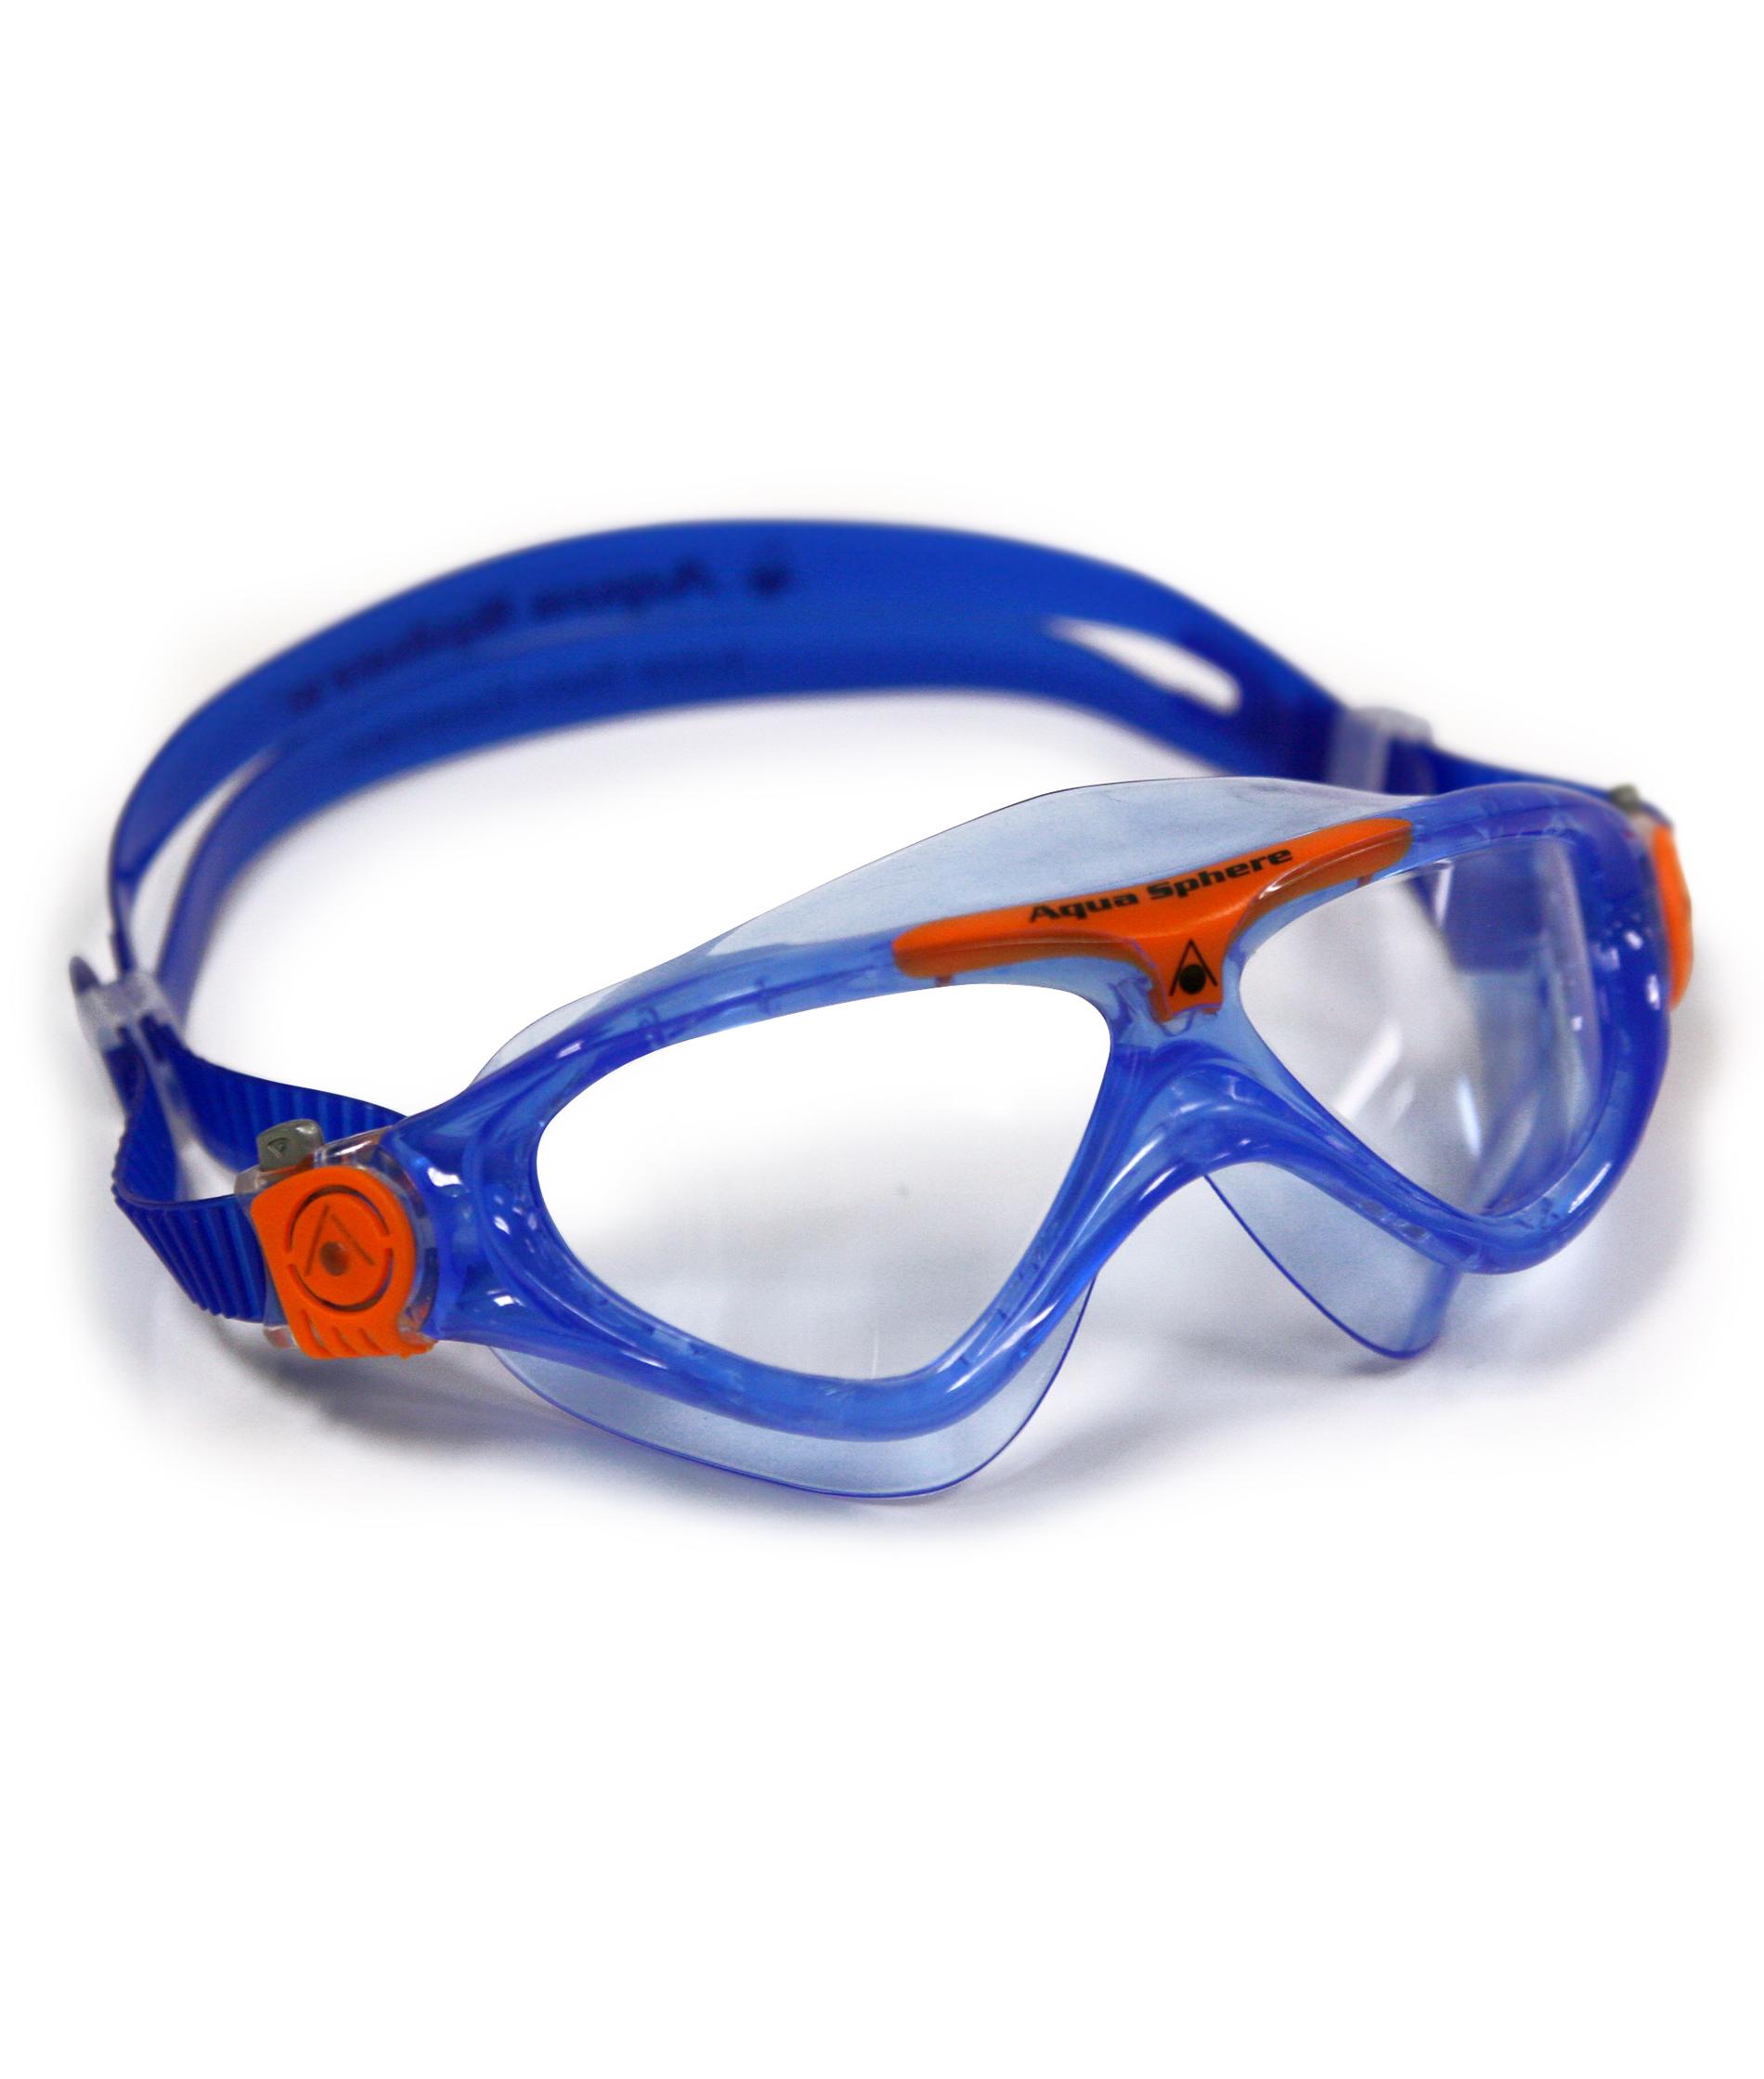 Aqua Sphere Vista Junior Mask - Blue/Orange